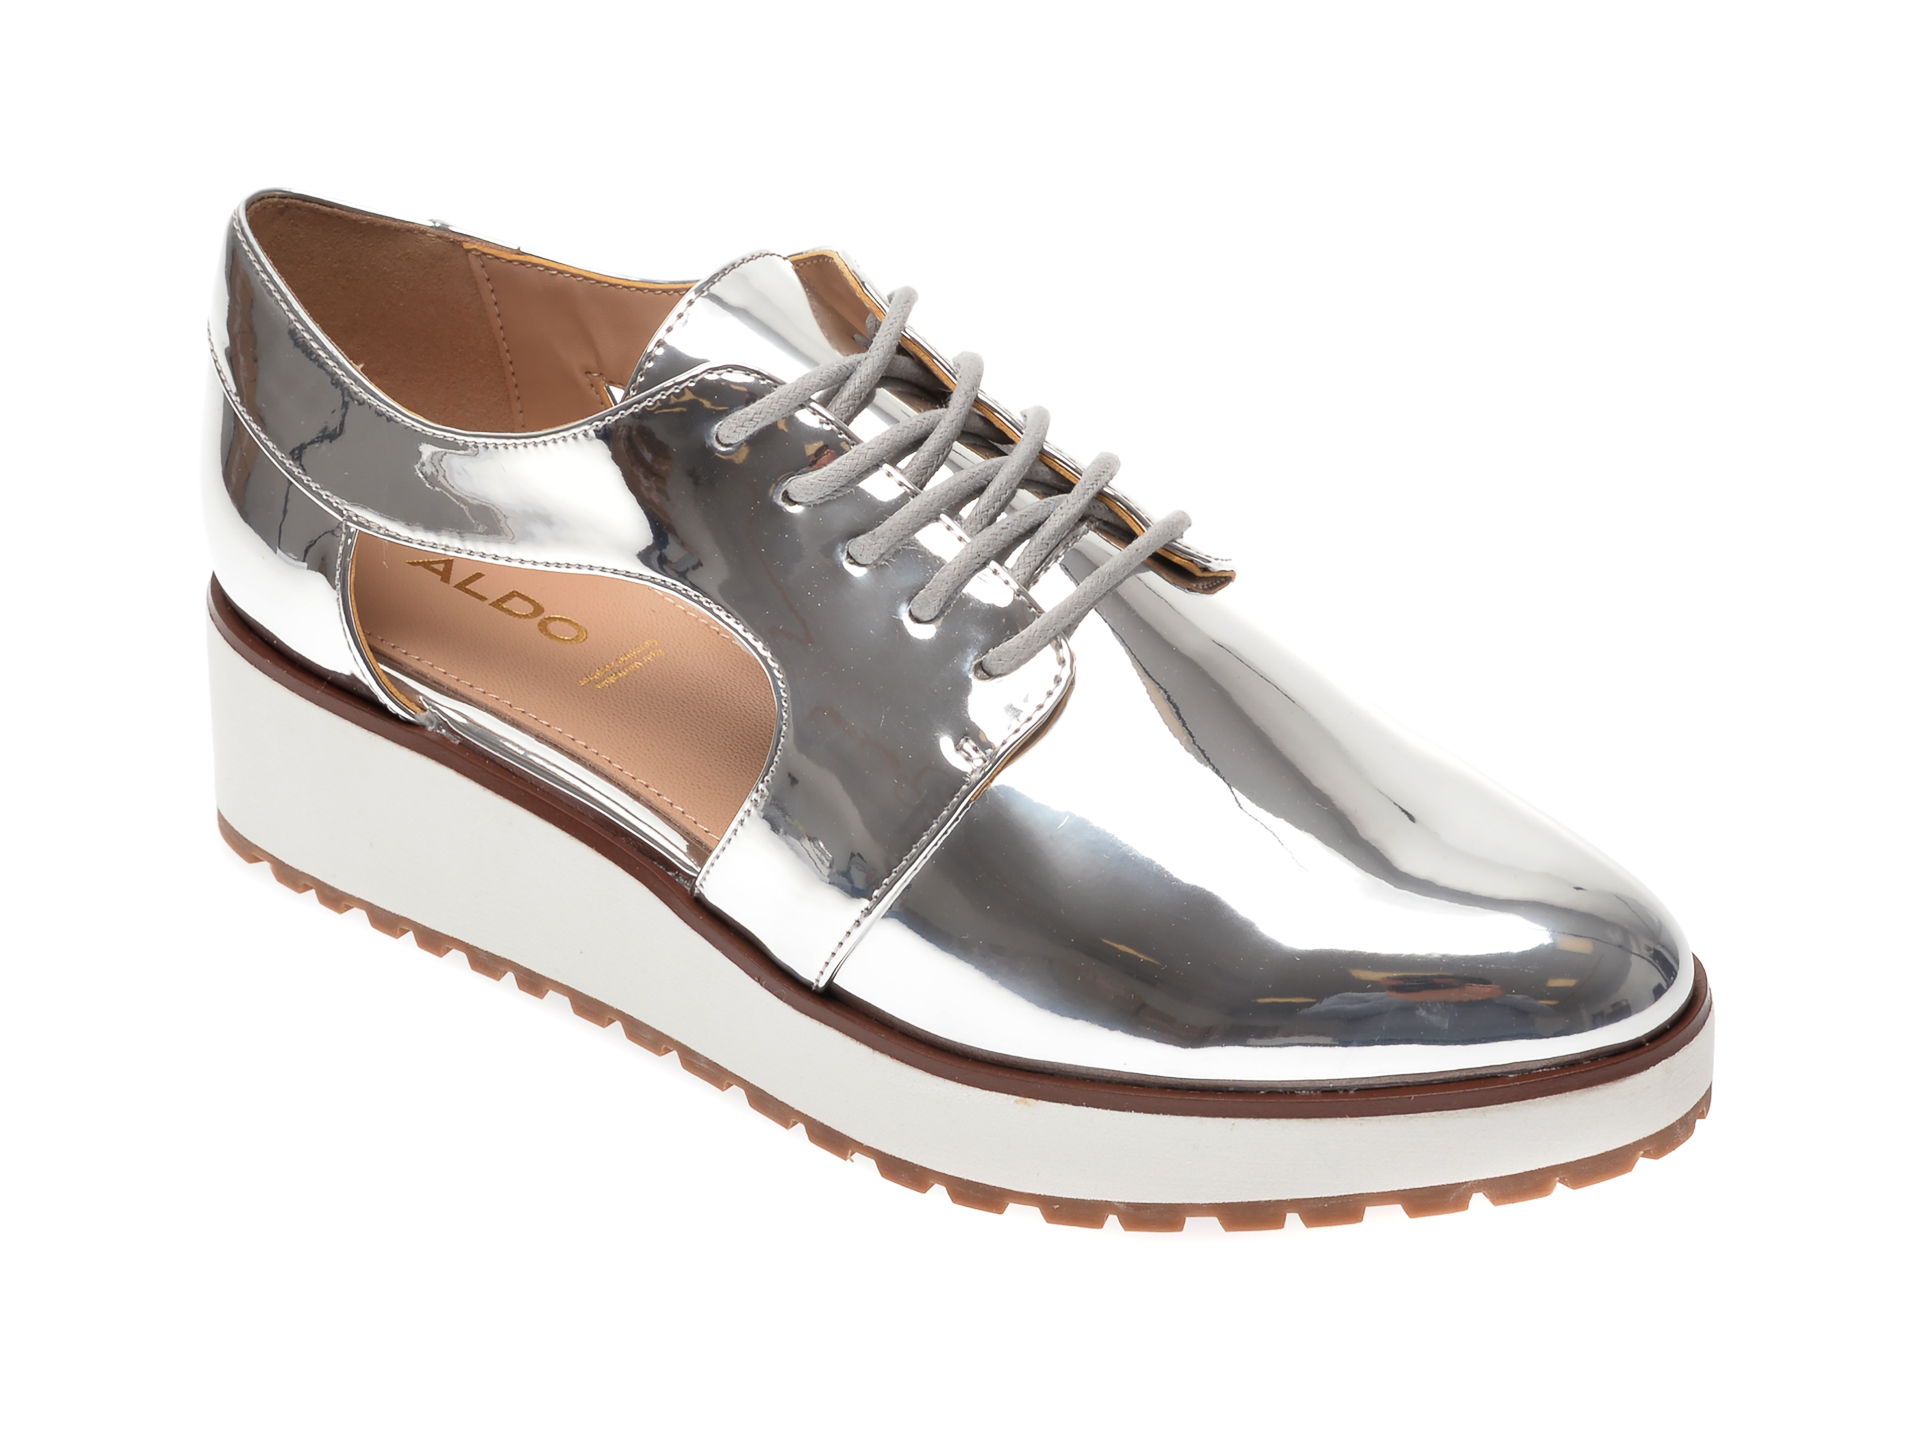 Pantofi Aldo Argintii, Loramy040, Din Piele Ecologica